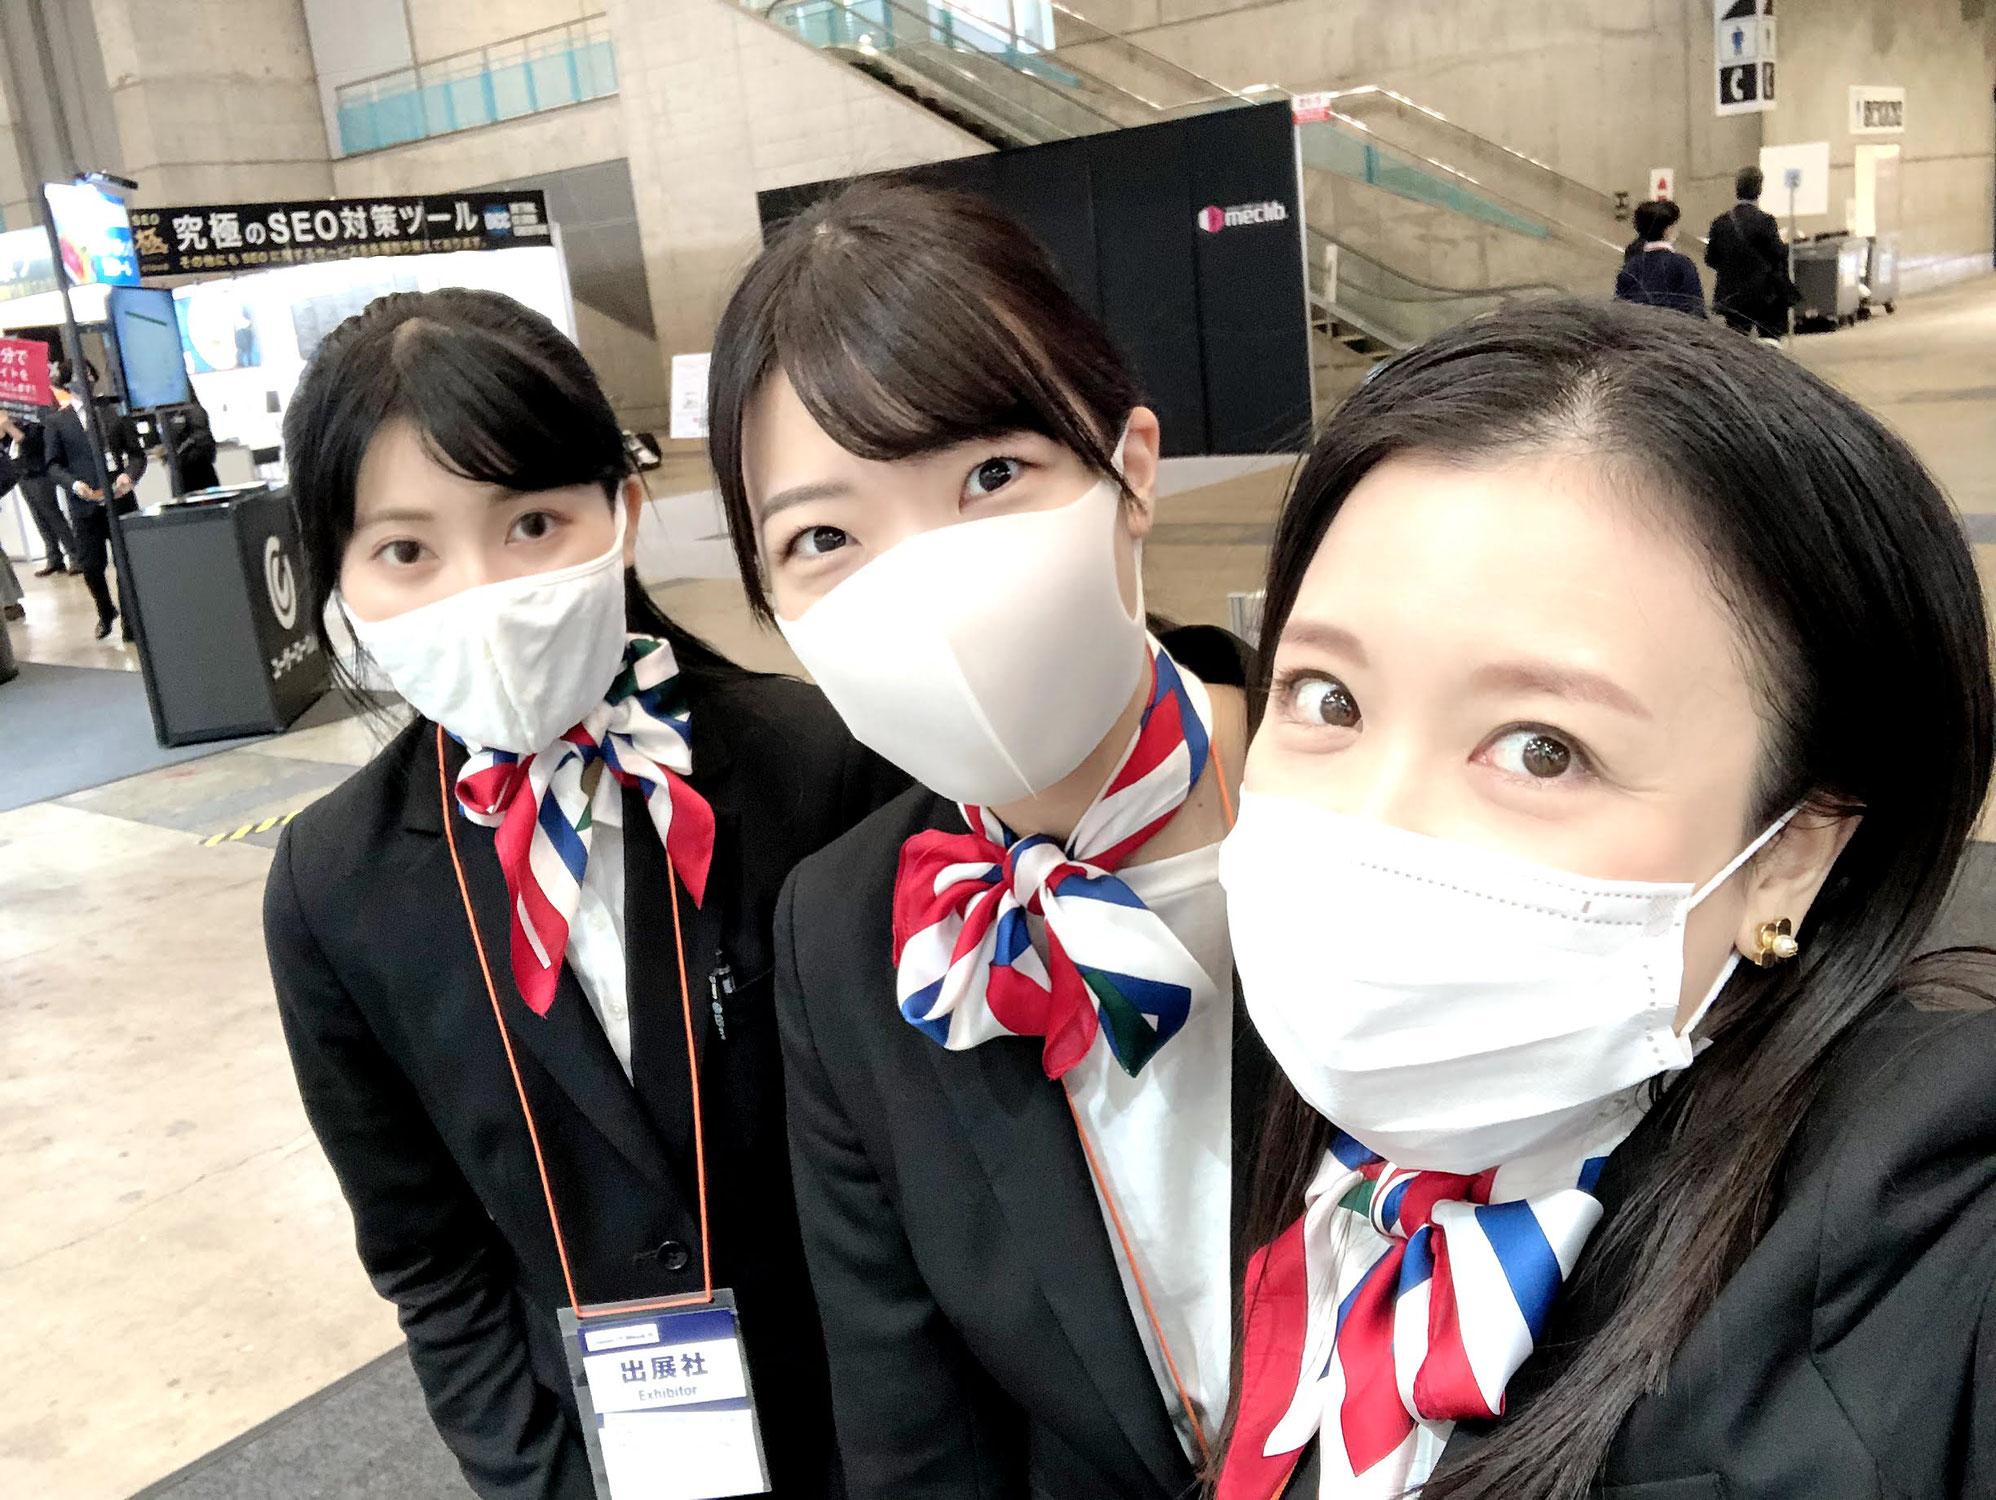 第11回 Japan IT Week 秋にてイベントコンパニオン★日下部純、白鳥音々、Mikako.I